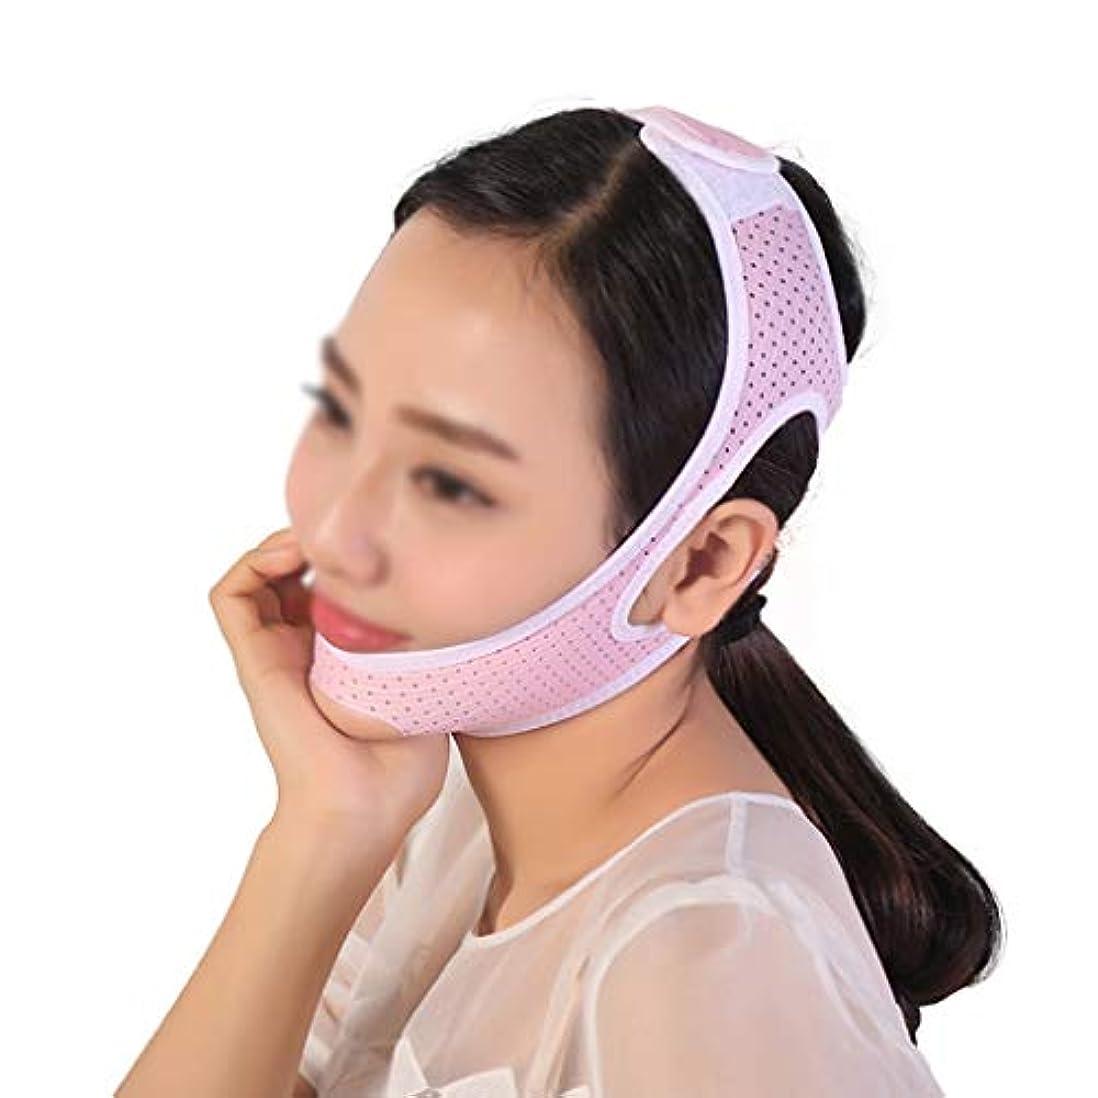 代わりの早めるビスケットXHLMRMJ フェイスリフトマスク、顔の皮膚の首のあごのラインを向上させます、リフトフェイス、シンチークマスク、シンチンチークシンV(ピンク) (Size : L)